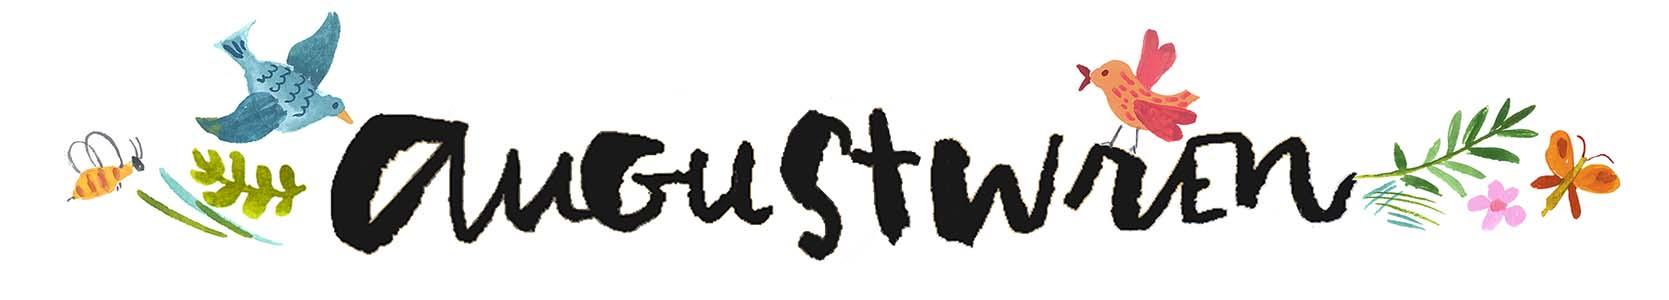 Designers / AUGUST WREN